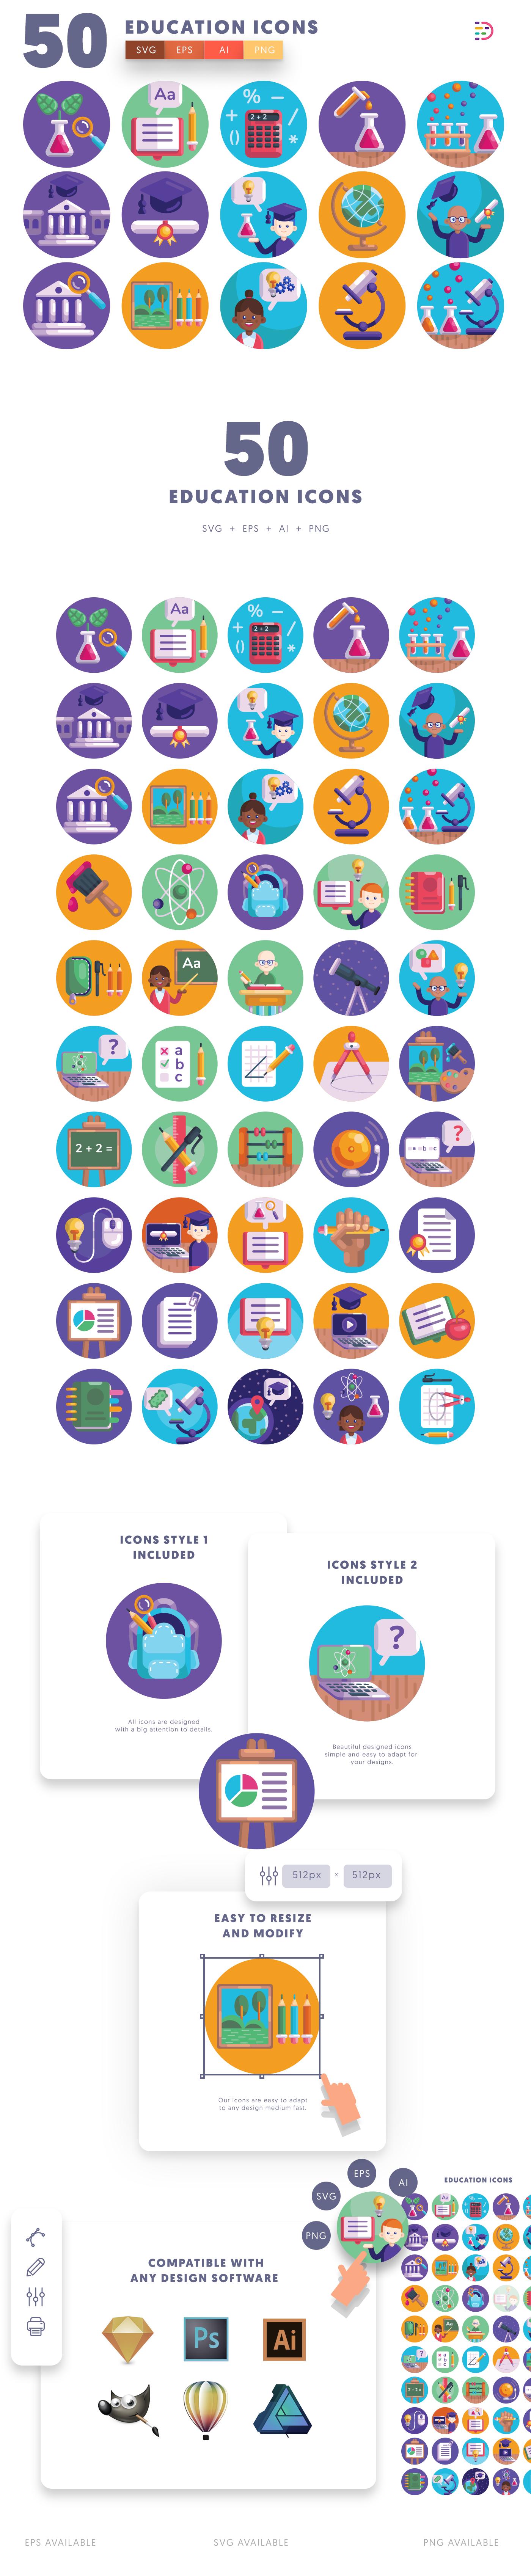 School icons info graphic